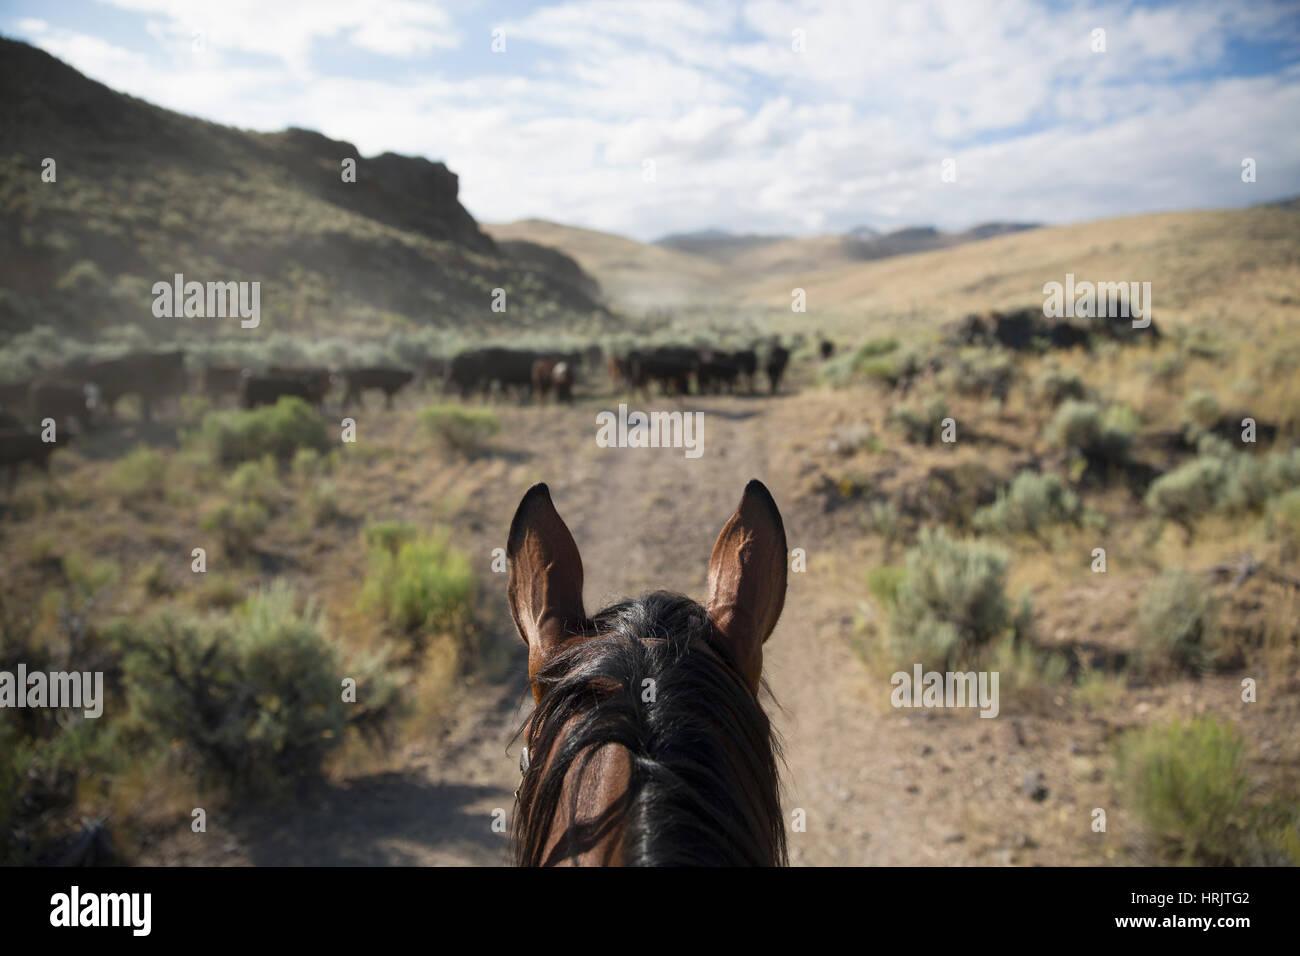 Die Perspektive eines Cowboys reiten hüten Vieh in einer staubigen ländlichen Landschaft. Stockbild